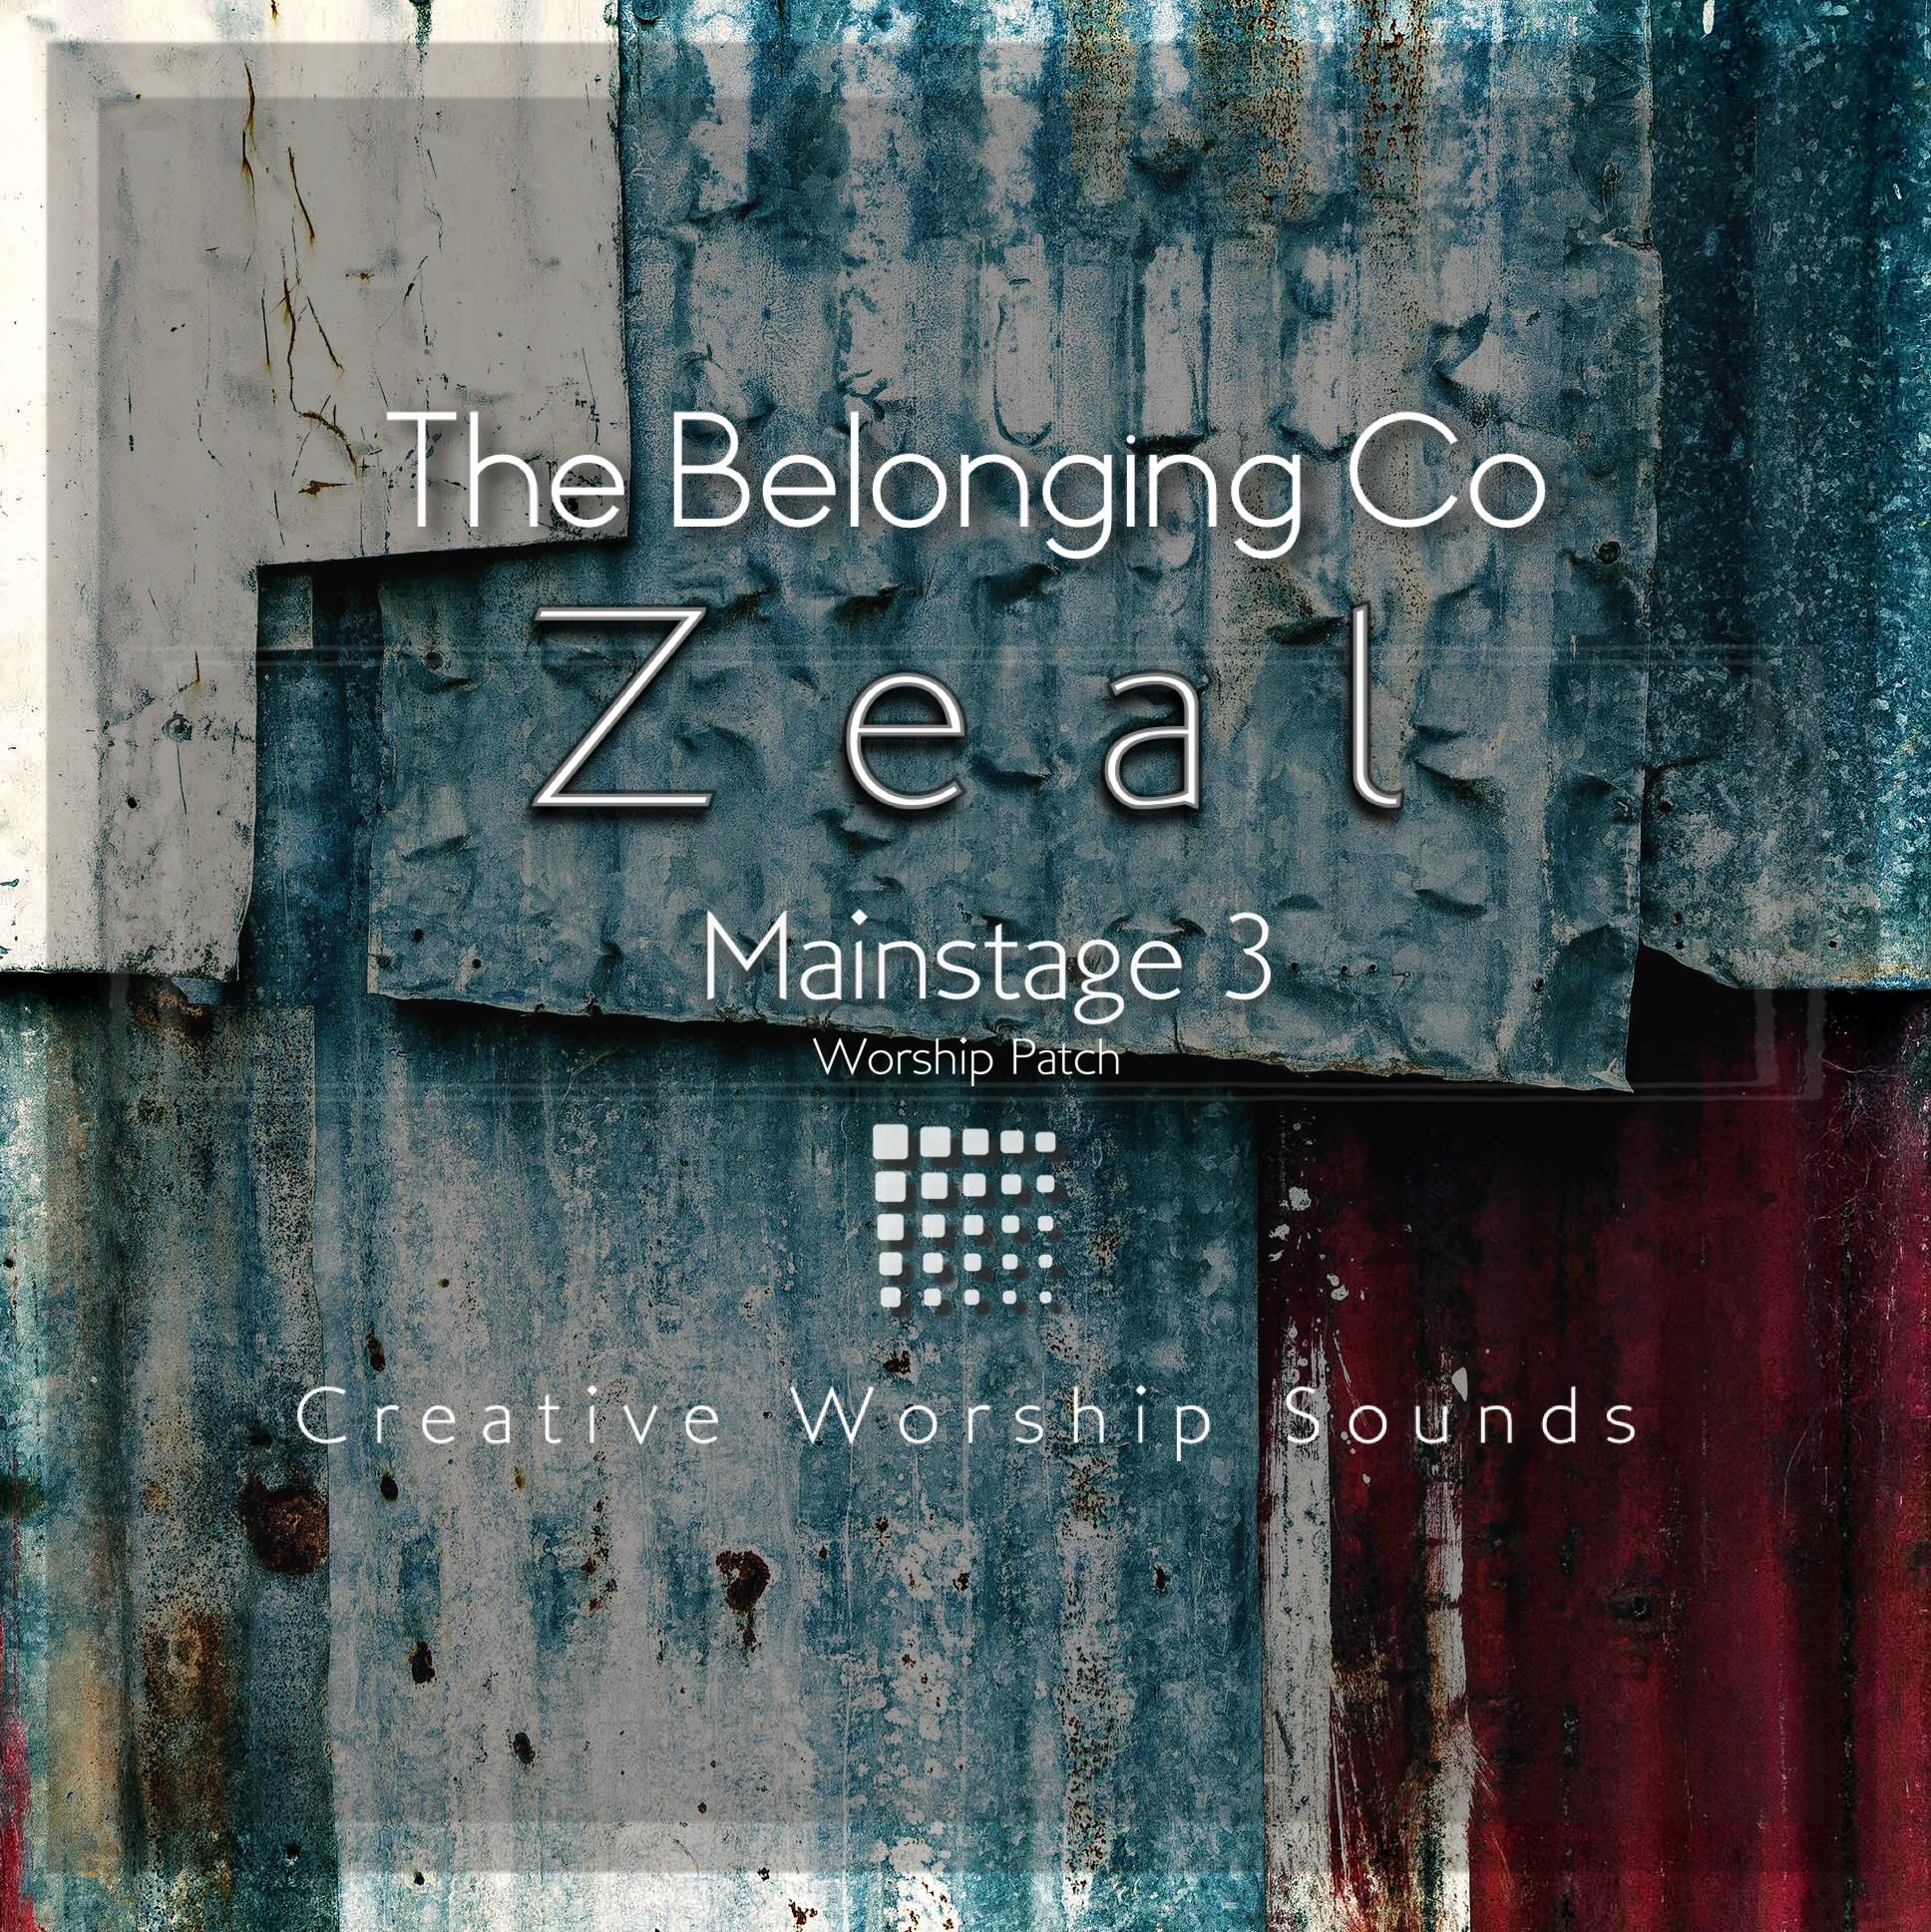 Zeal-D — Creative Worship Sounds